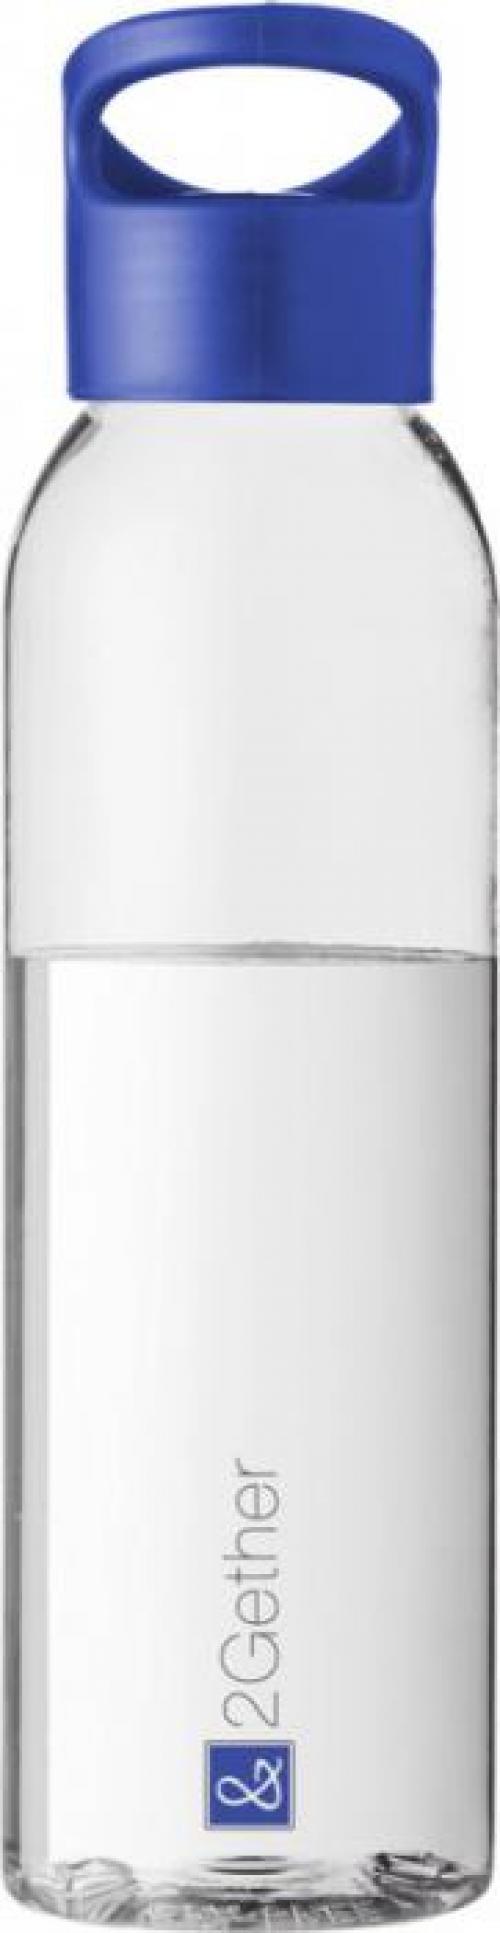 Botella de tritán 650ml con cuerpo transparente Sky